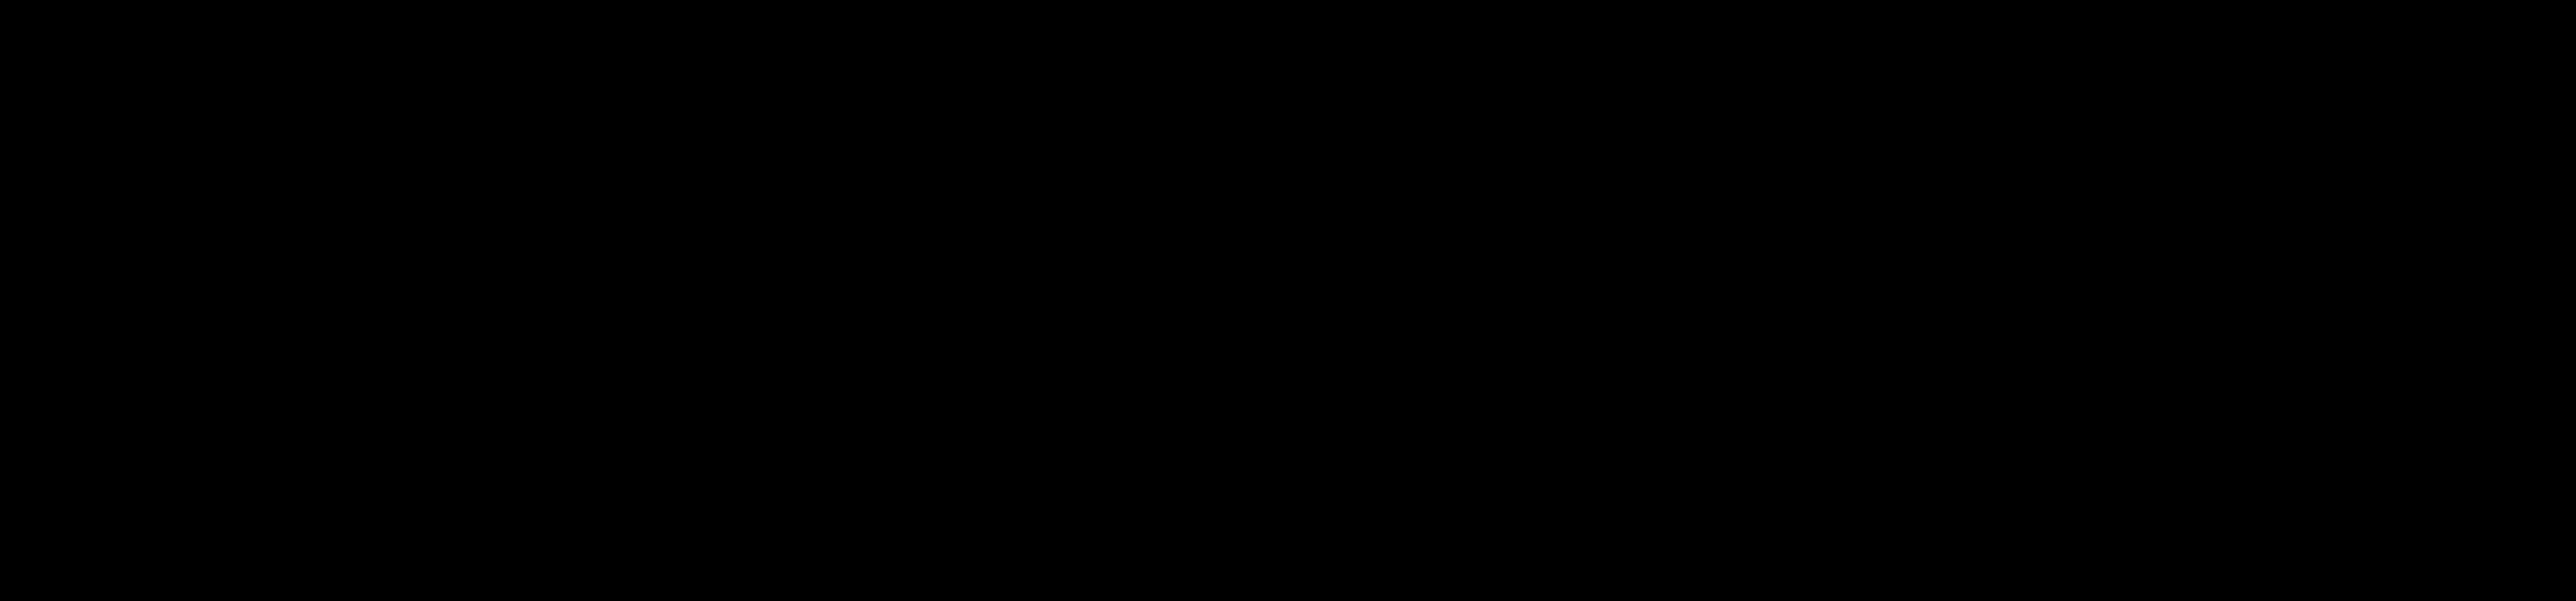 ミタス(METASU)CBD ロゴ